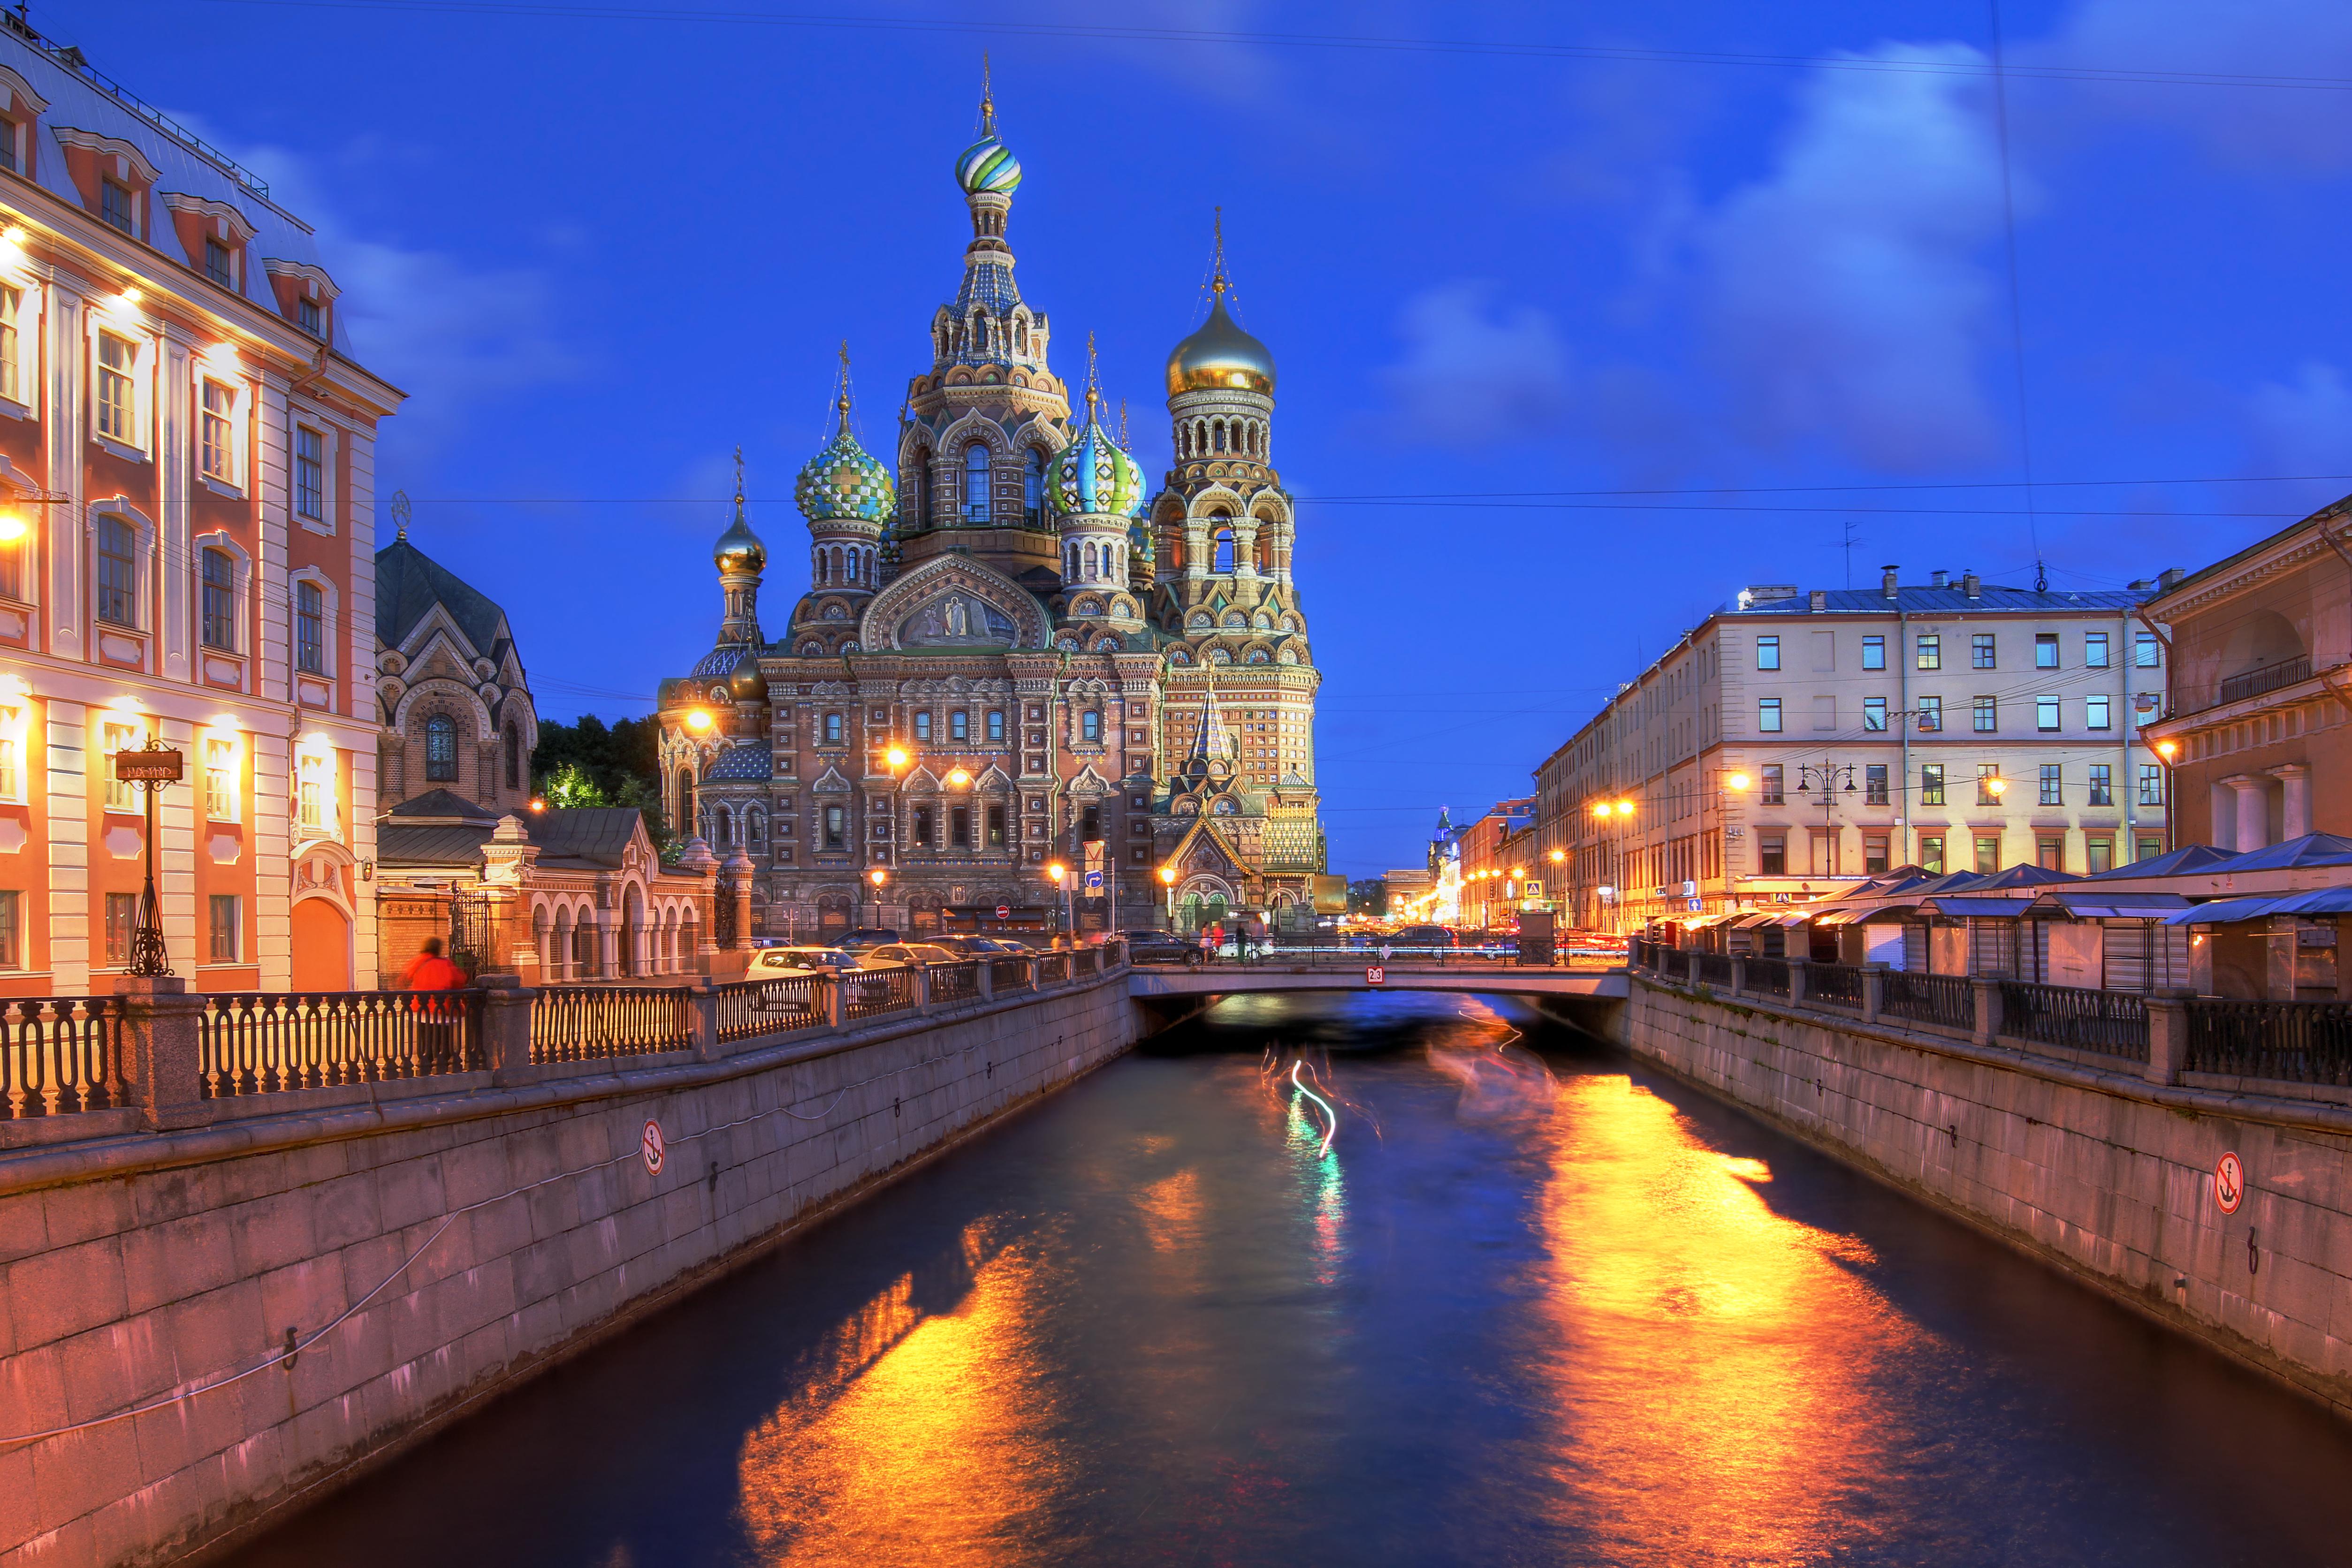 De museo a museo y tiro porque me toca - Rusia Circuito Rusia Imperial I